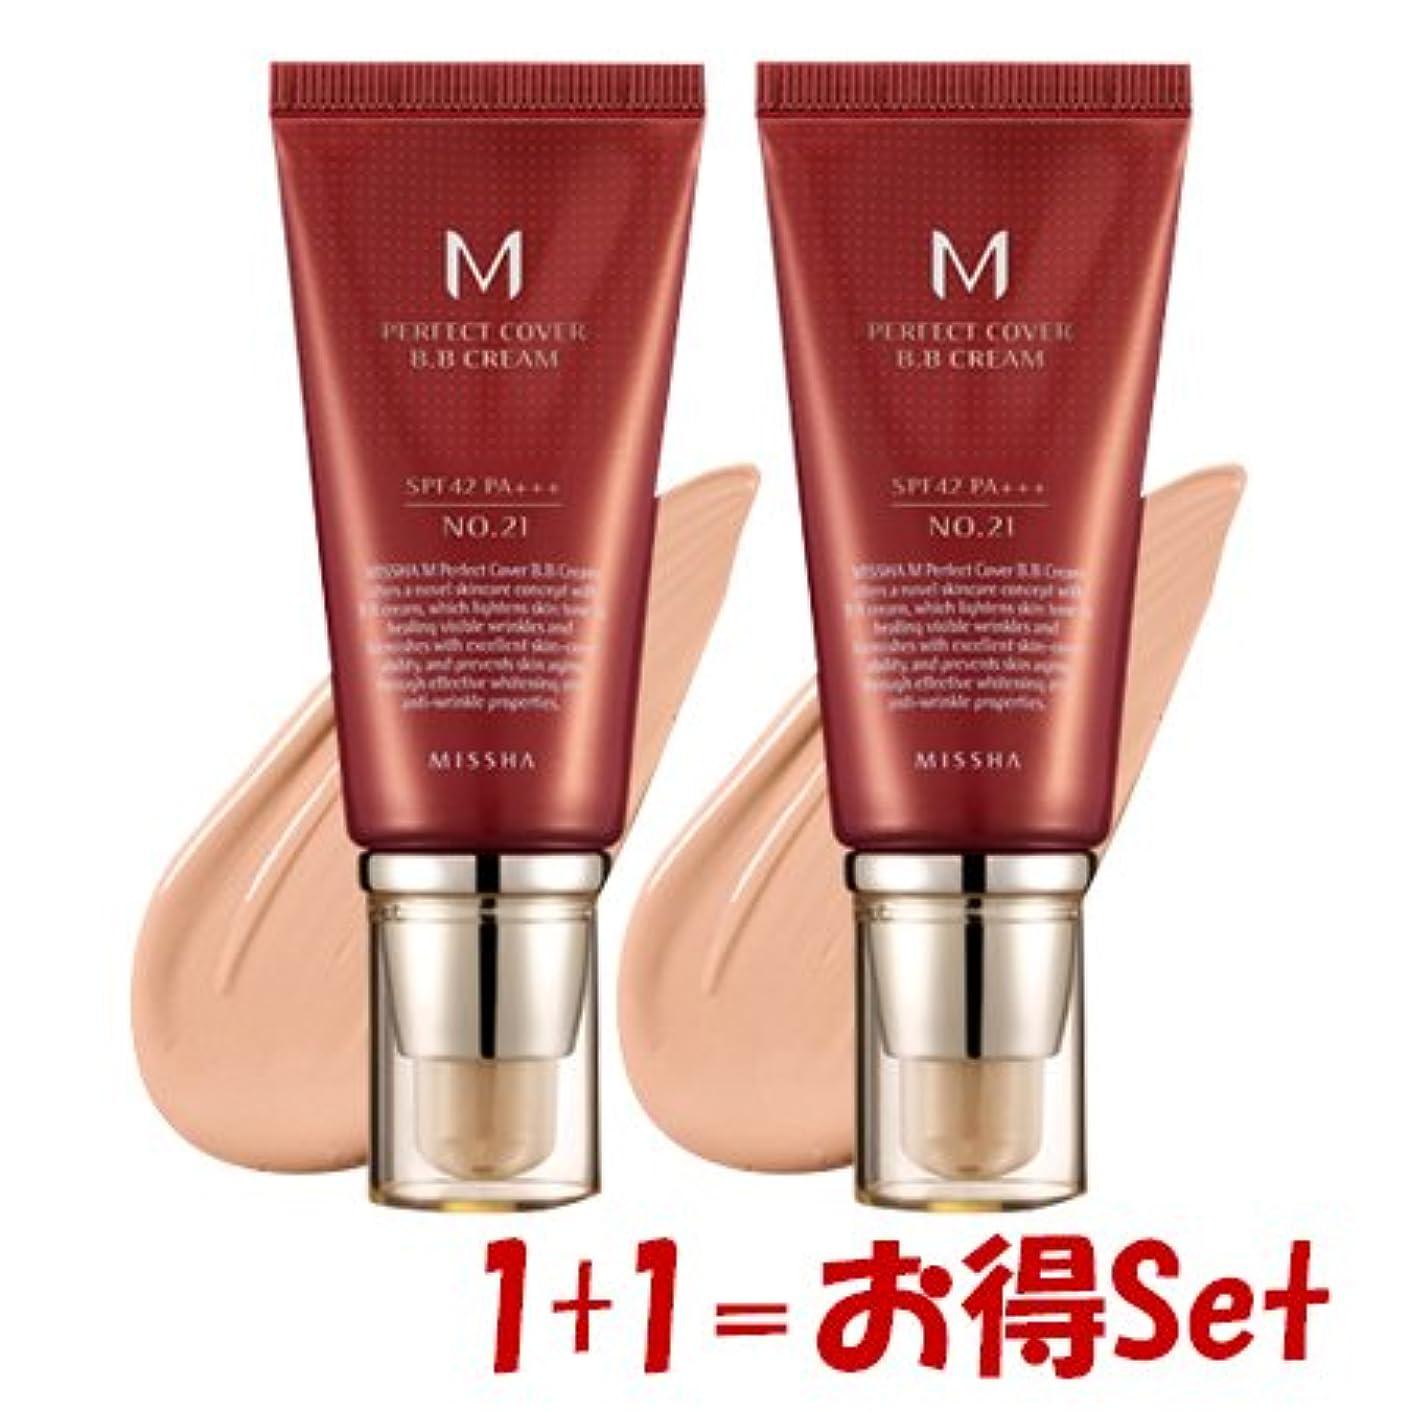 シャッフル統治可能コモランマMISSHA(ミシャ) M Perfect Cover パーフェクトカバーBBクリーム 21号+ 21号(1+1=Set) [並行輸入品]